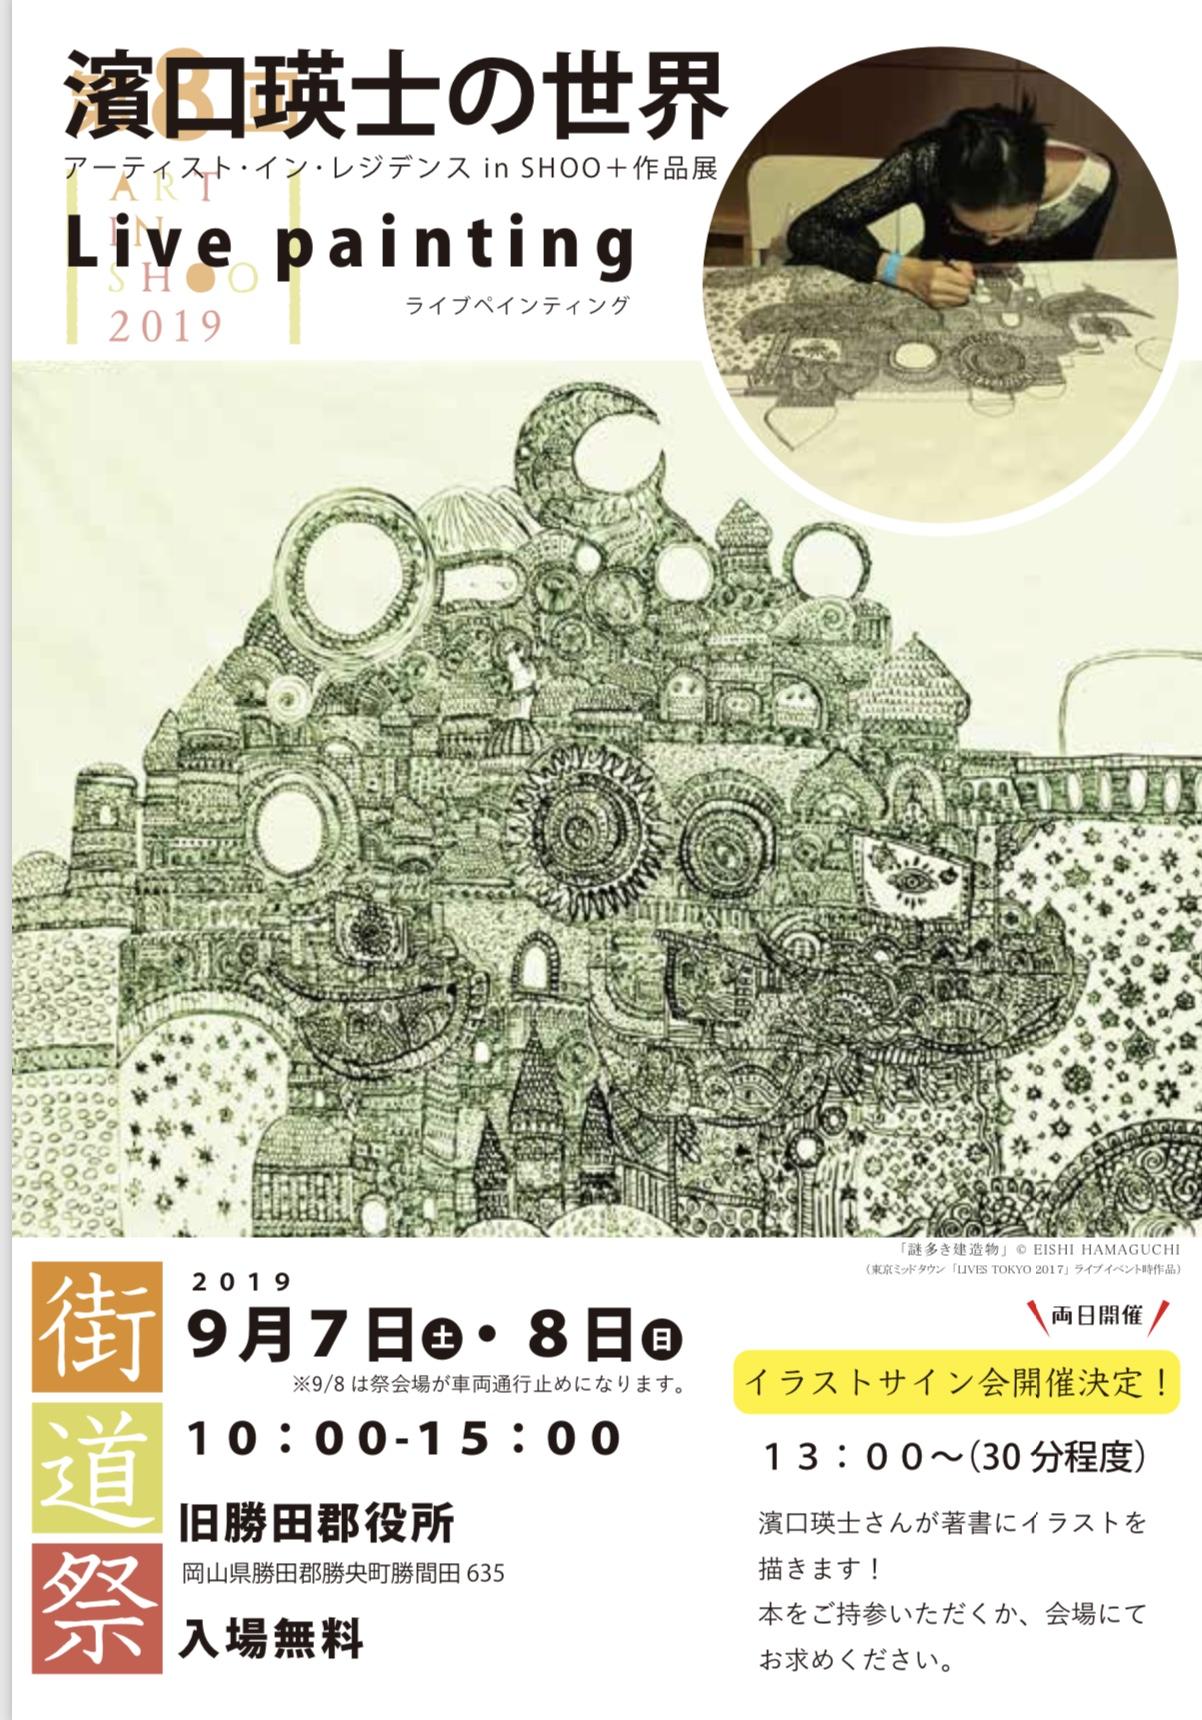 岡山 街道祭り ライブペインティングのお知らせ